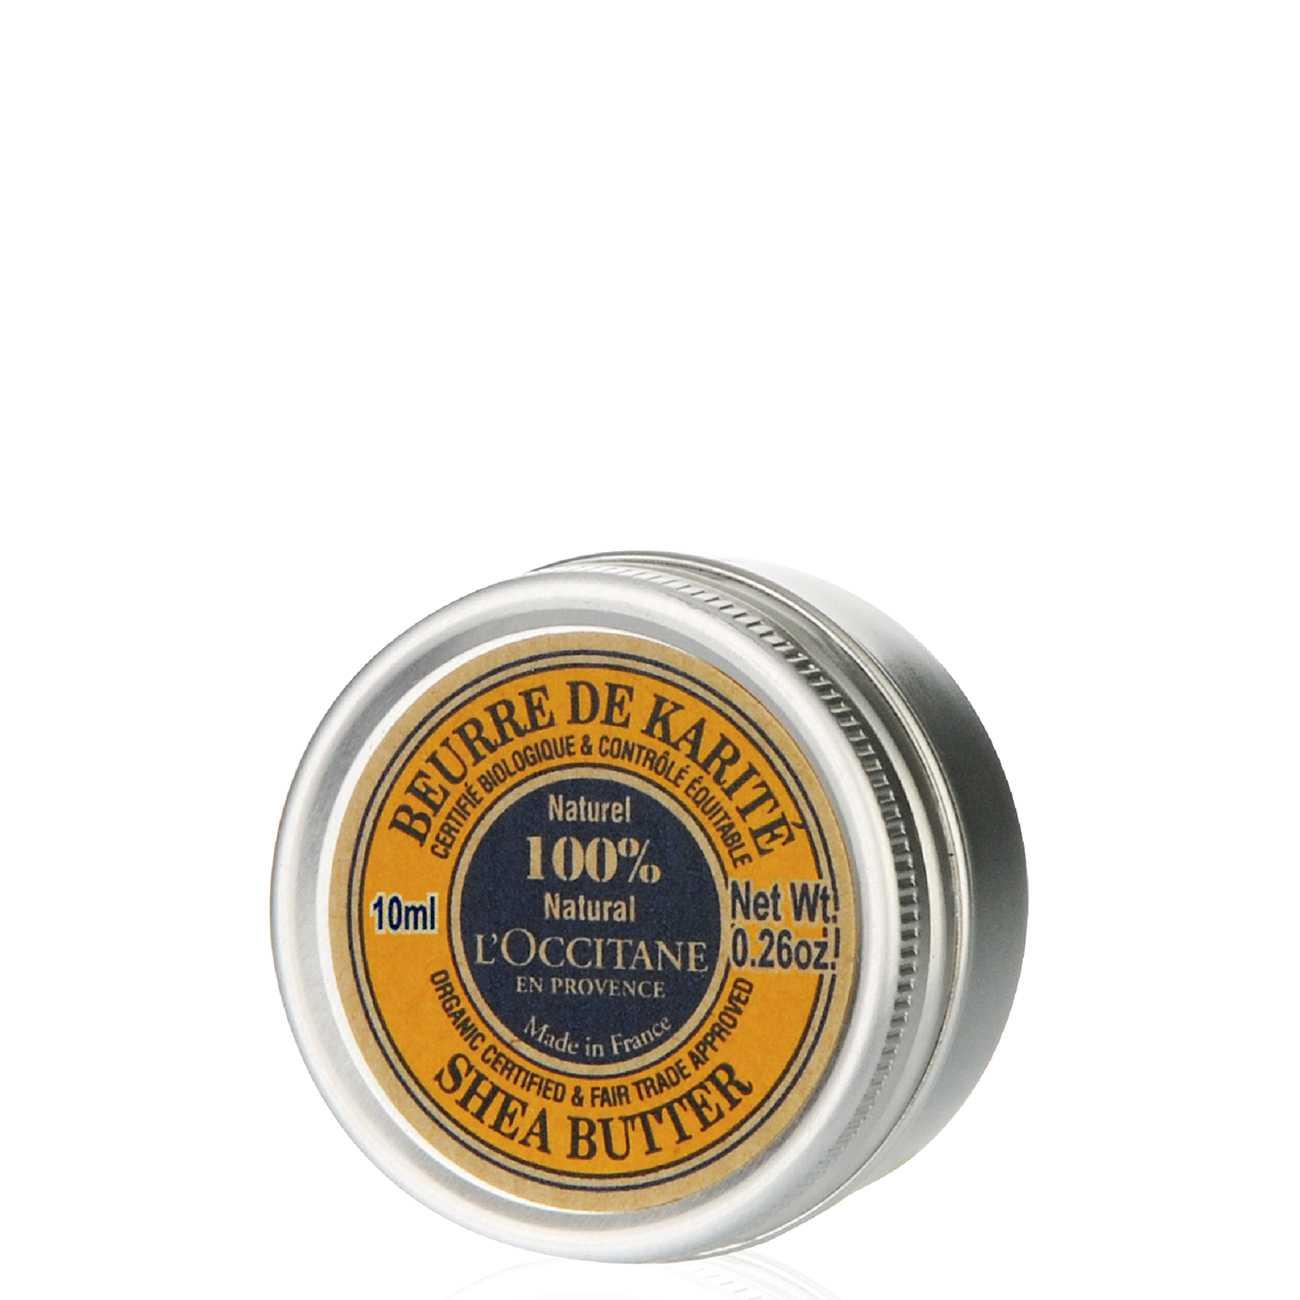 Organic Shea Butter 10 Ml L'occitane imagine 2021 bestvalue.eu